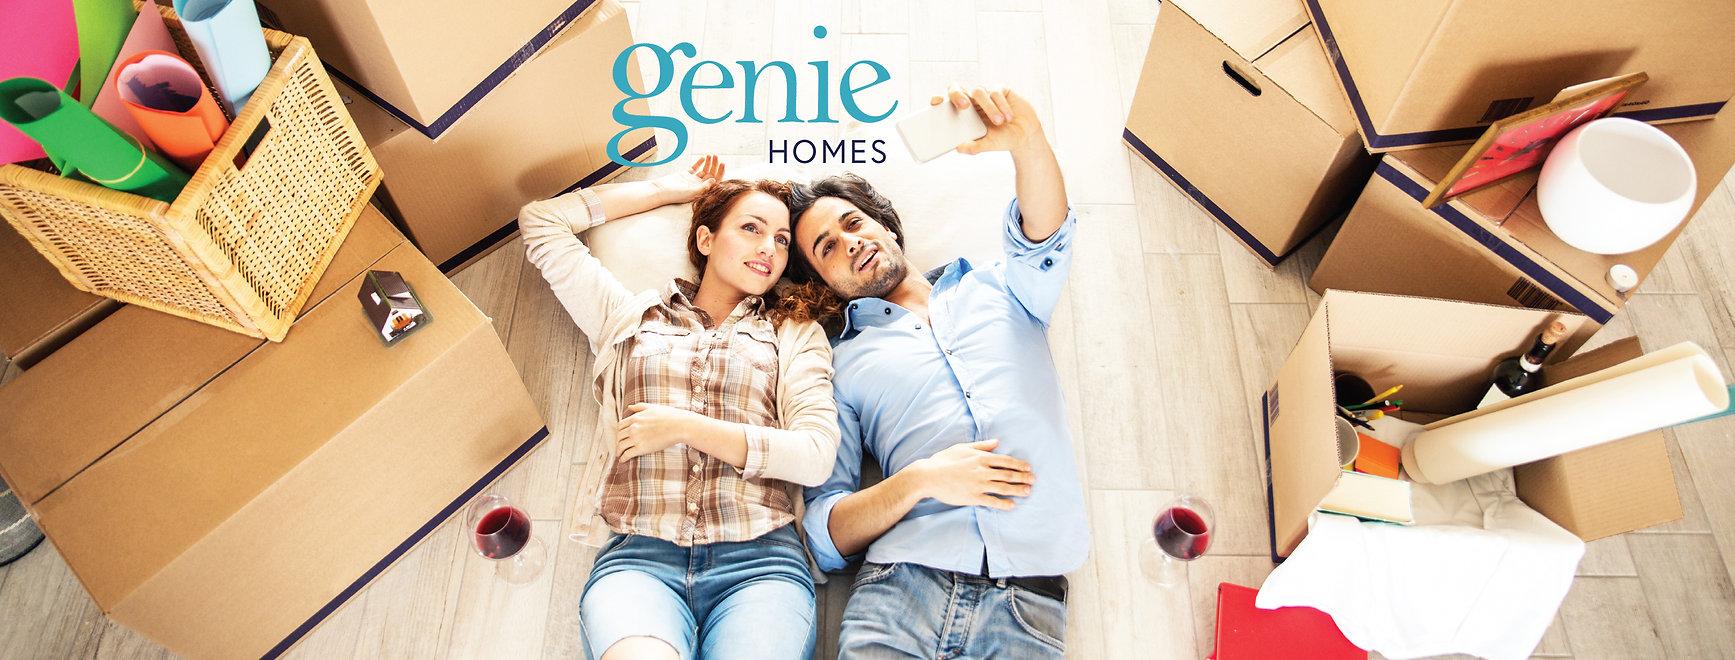 Genie Homes Management.jpg